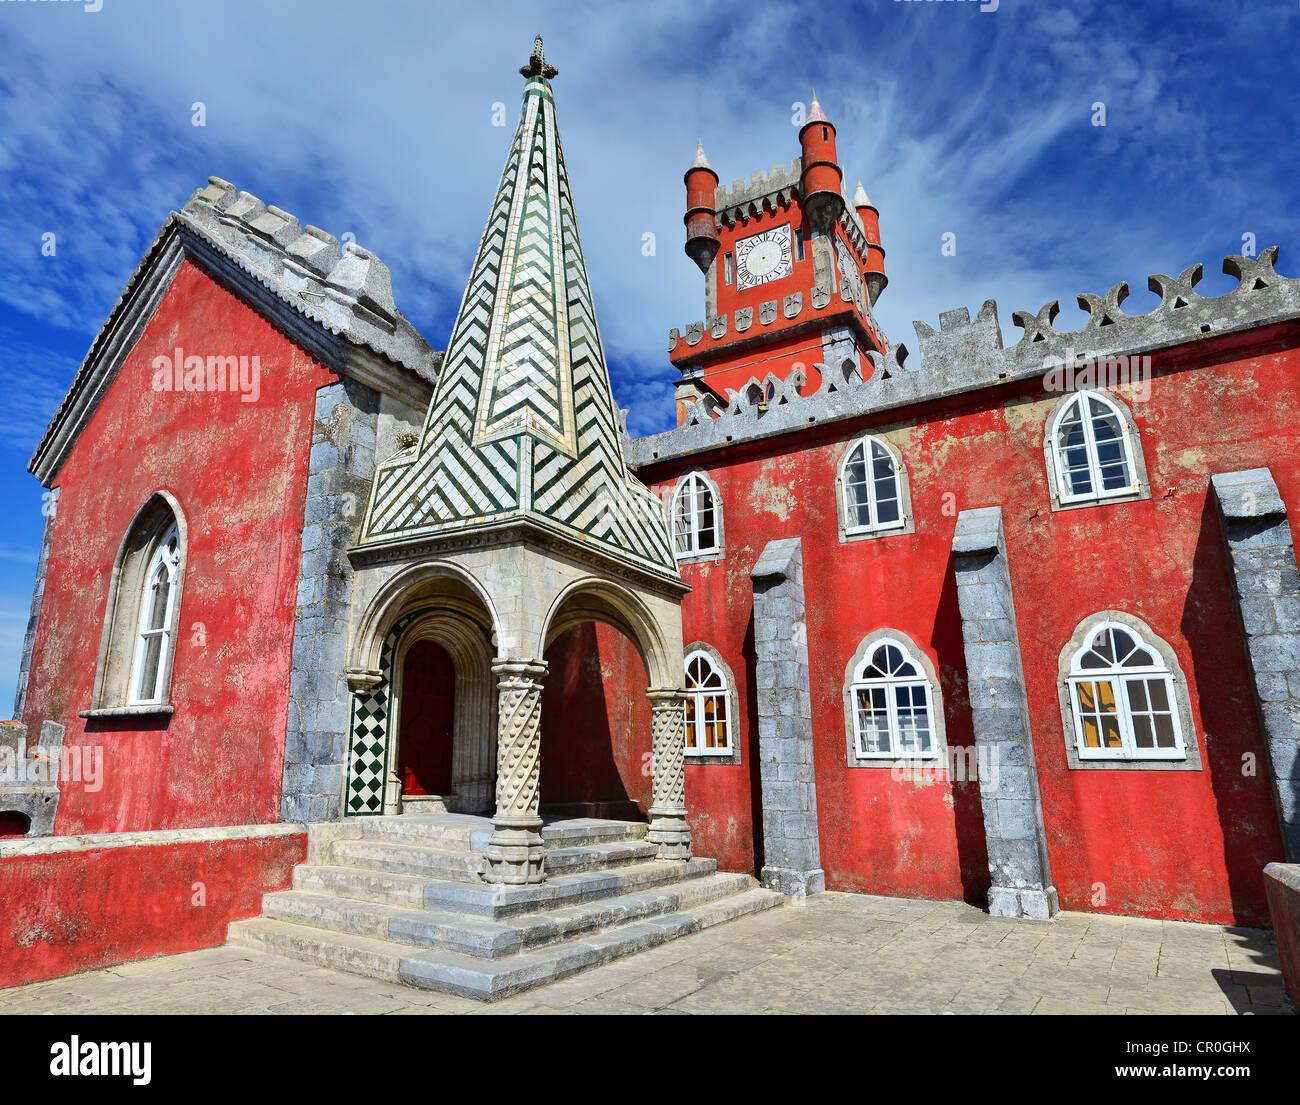 Palacio de Pena es el más completo y notable ejemplo de arquitectura portuguesa en la época romántica. Imagen De Stock